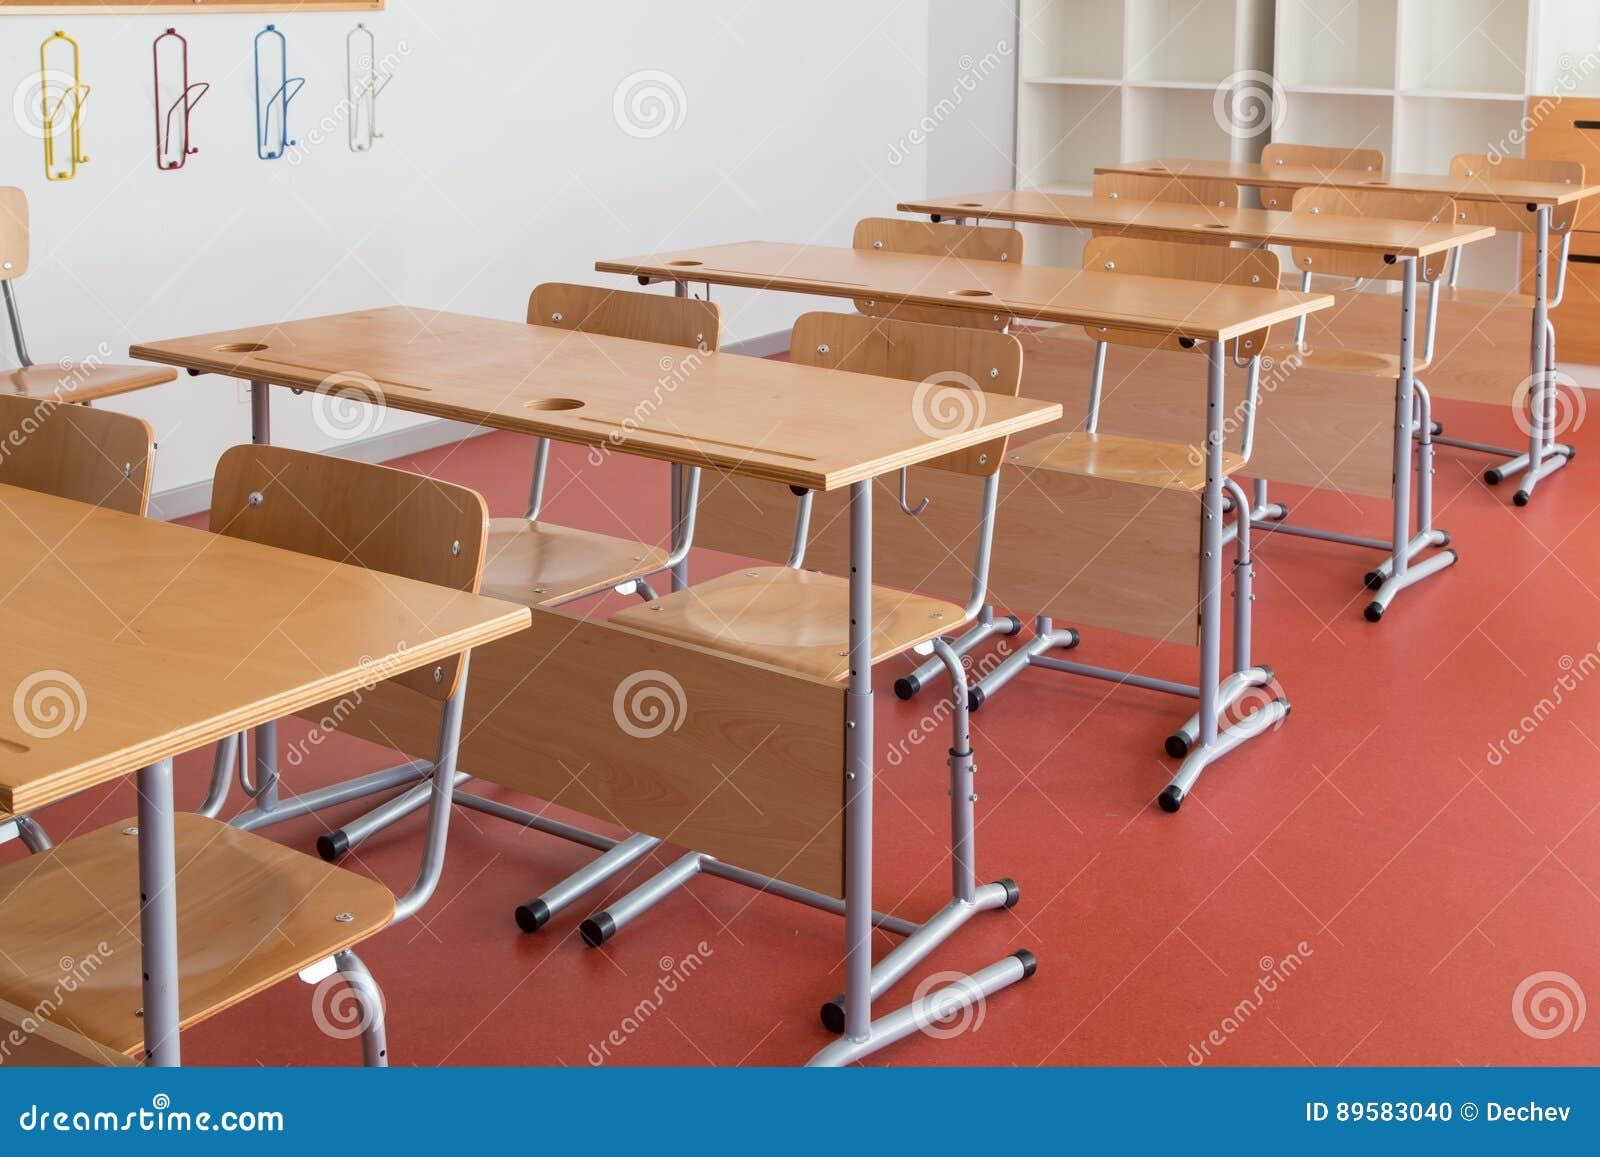 Klaslokaal met houten bureaus en stoelen